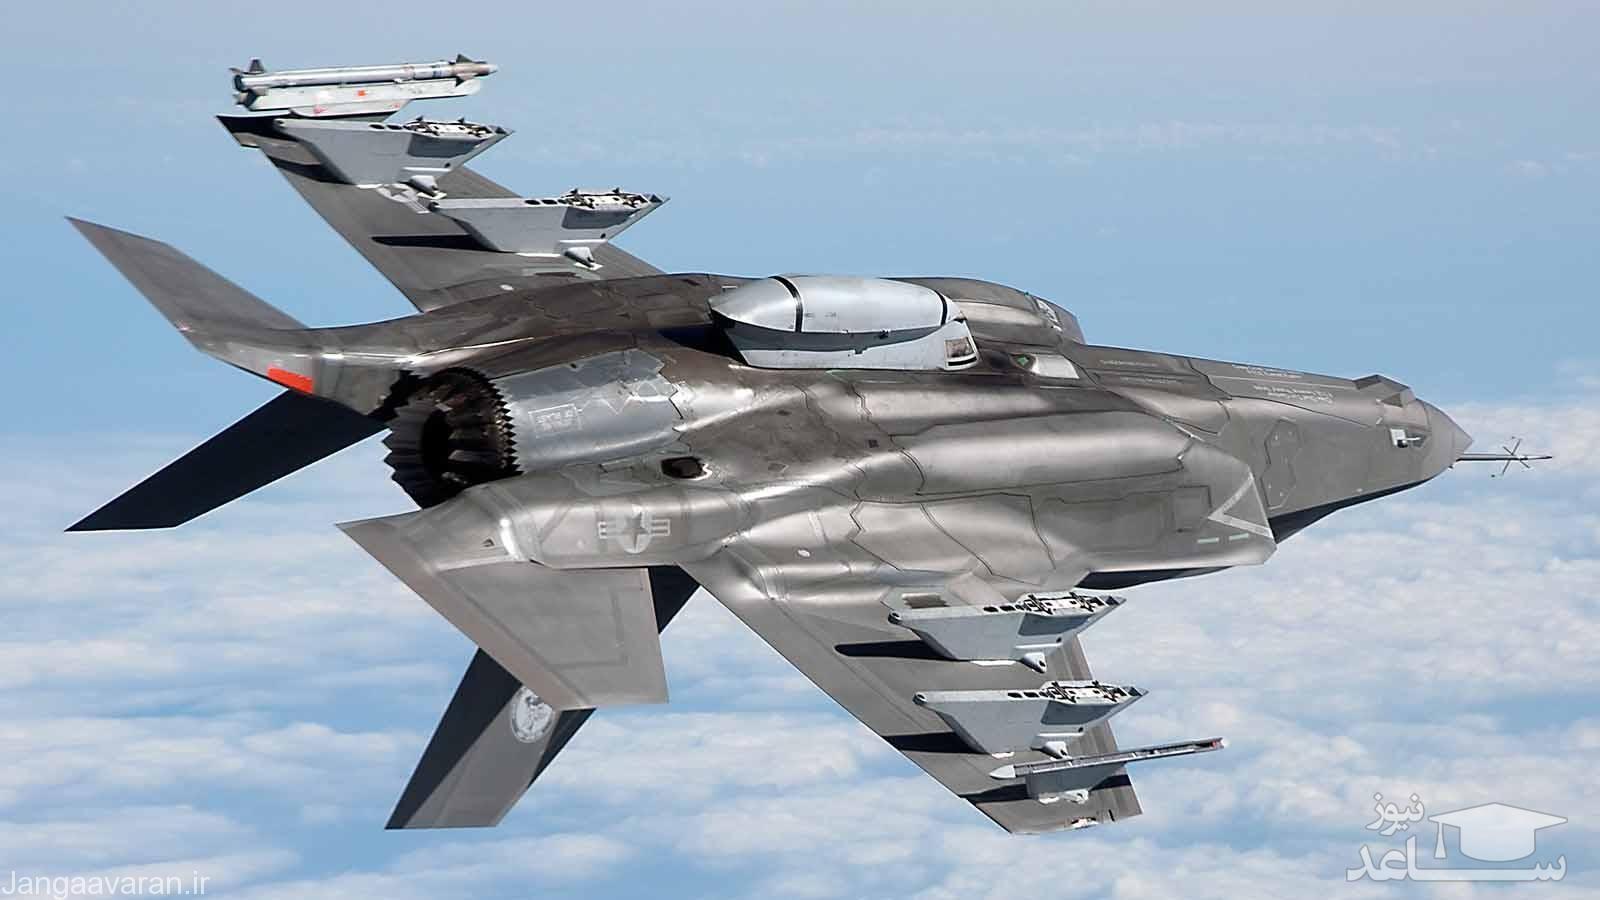 روزنامه اسرائیلی: ایران قابلیت هک کردن جنگنده اف 35 را دارد